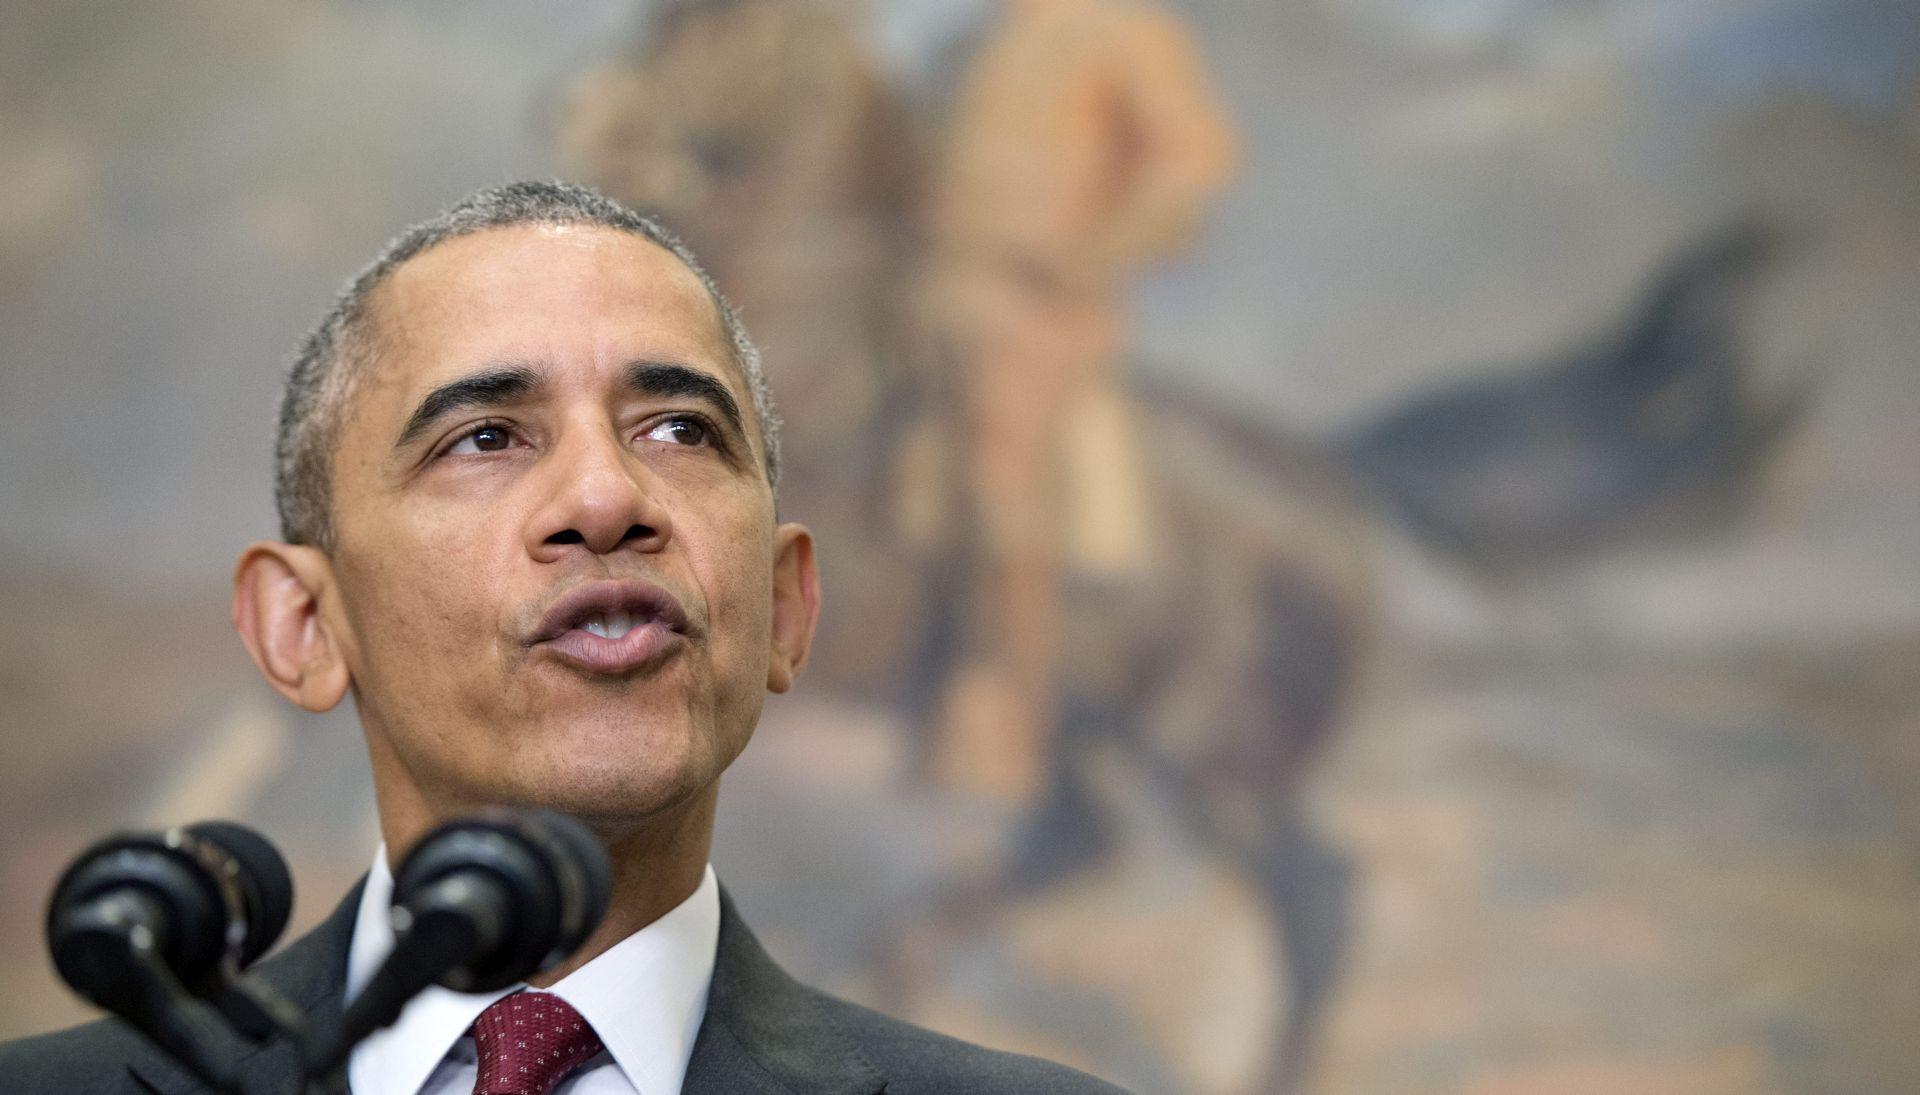 BIJELA KUĆA Barack Obama potpisao zakon o obrani